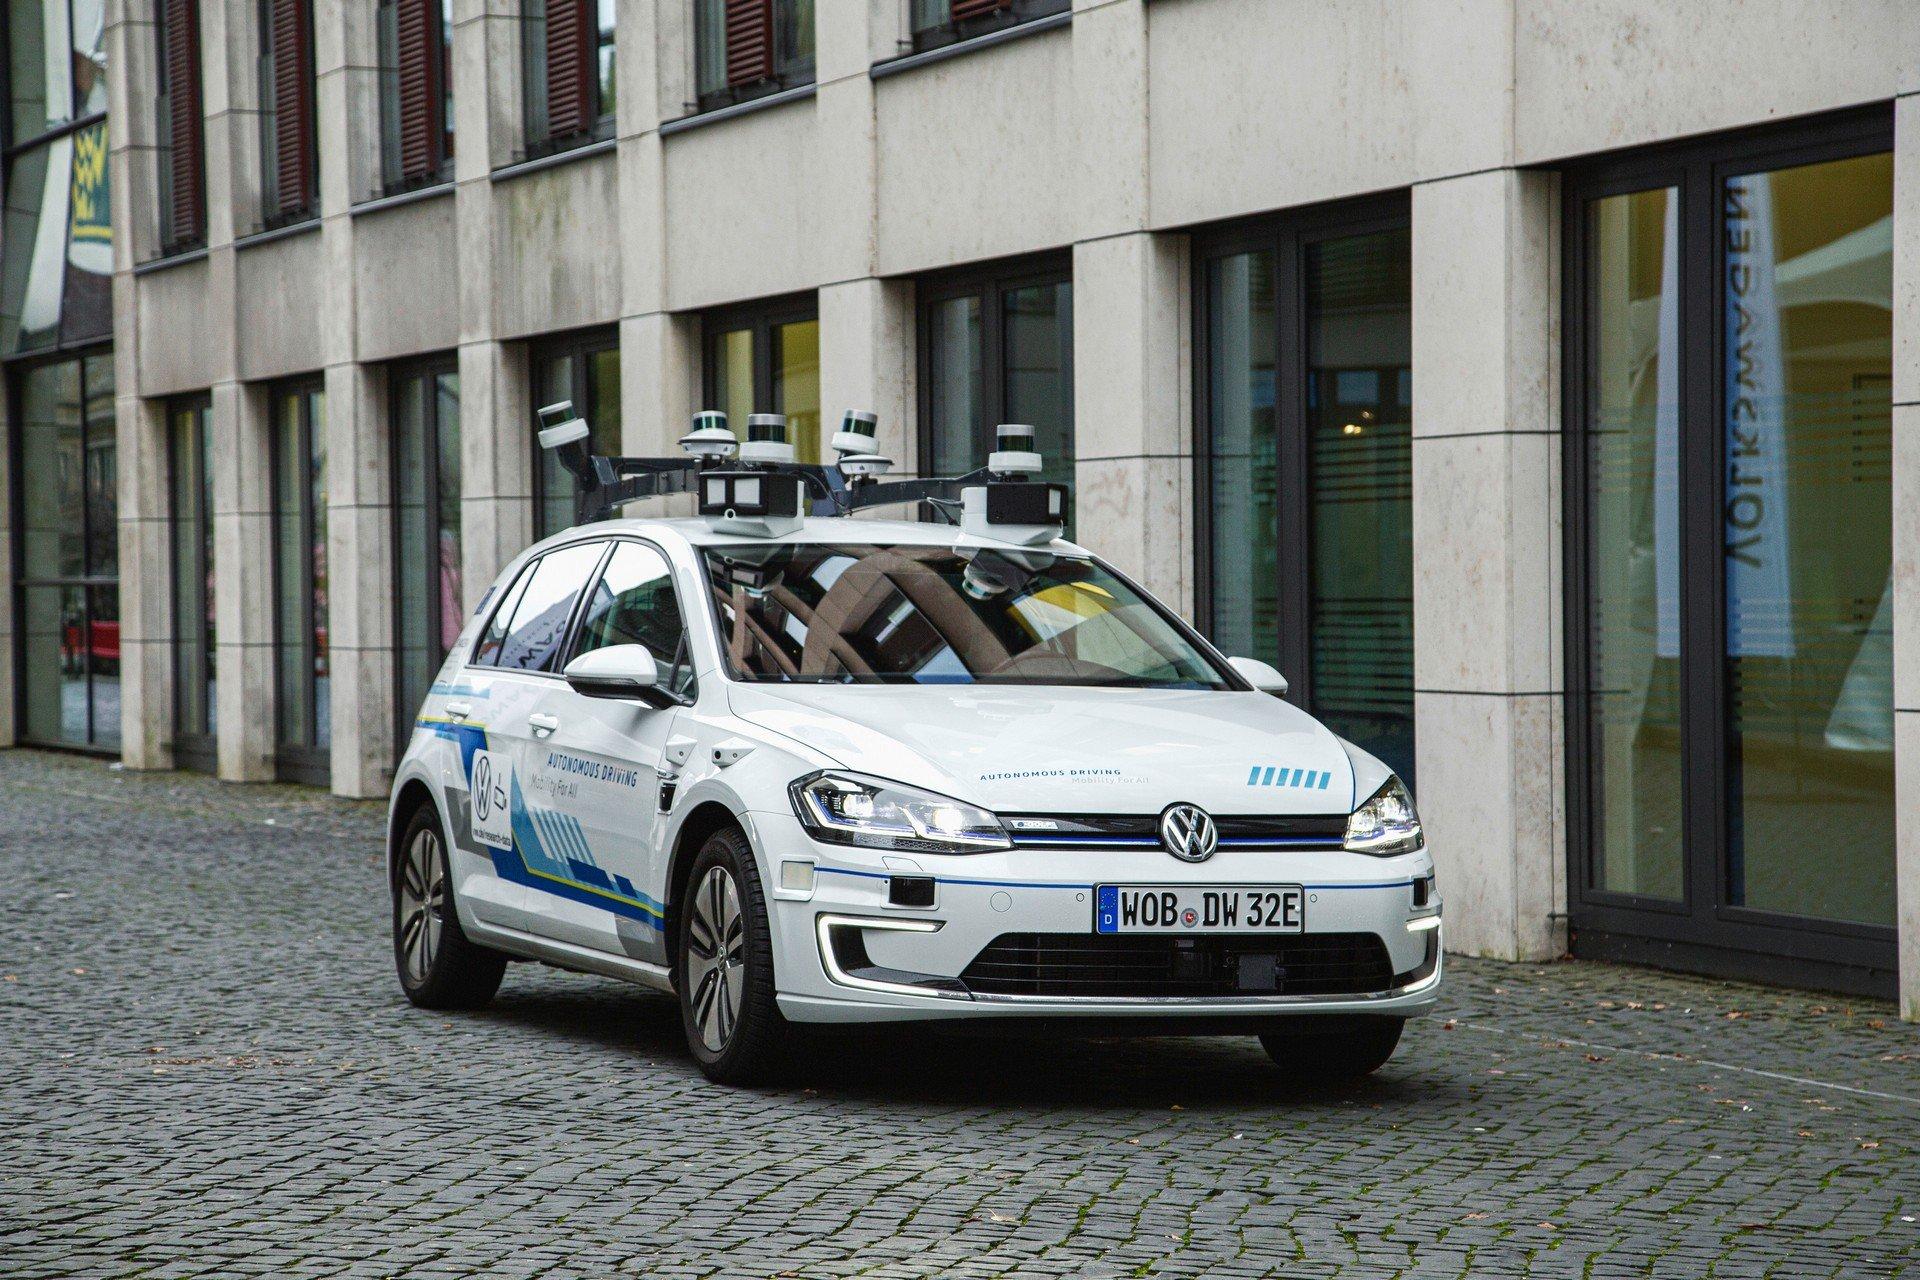 VW-Volkswagen-e-Golf-Autonomous-1